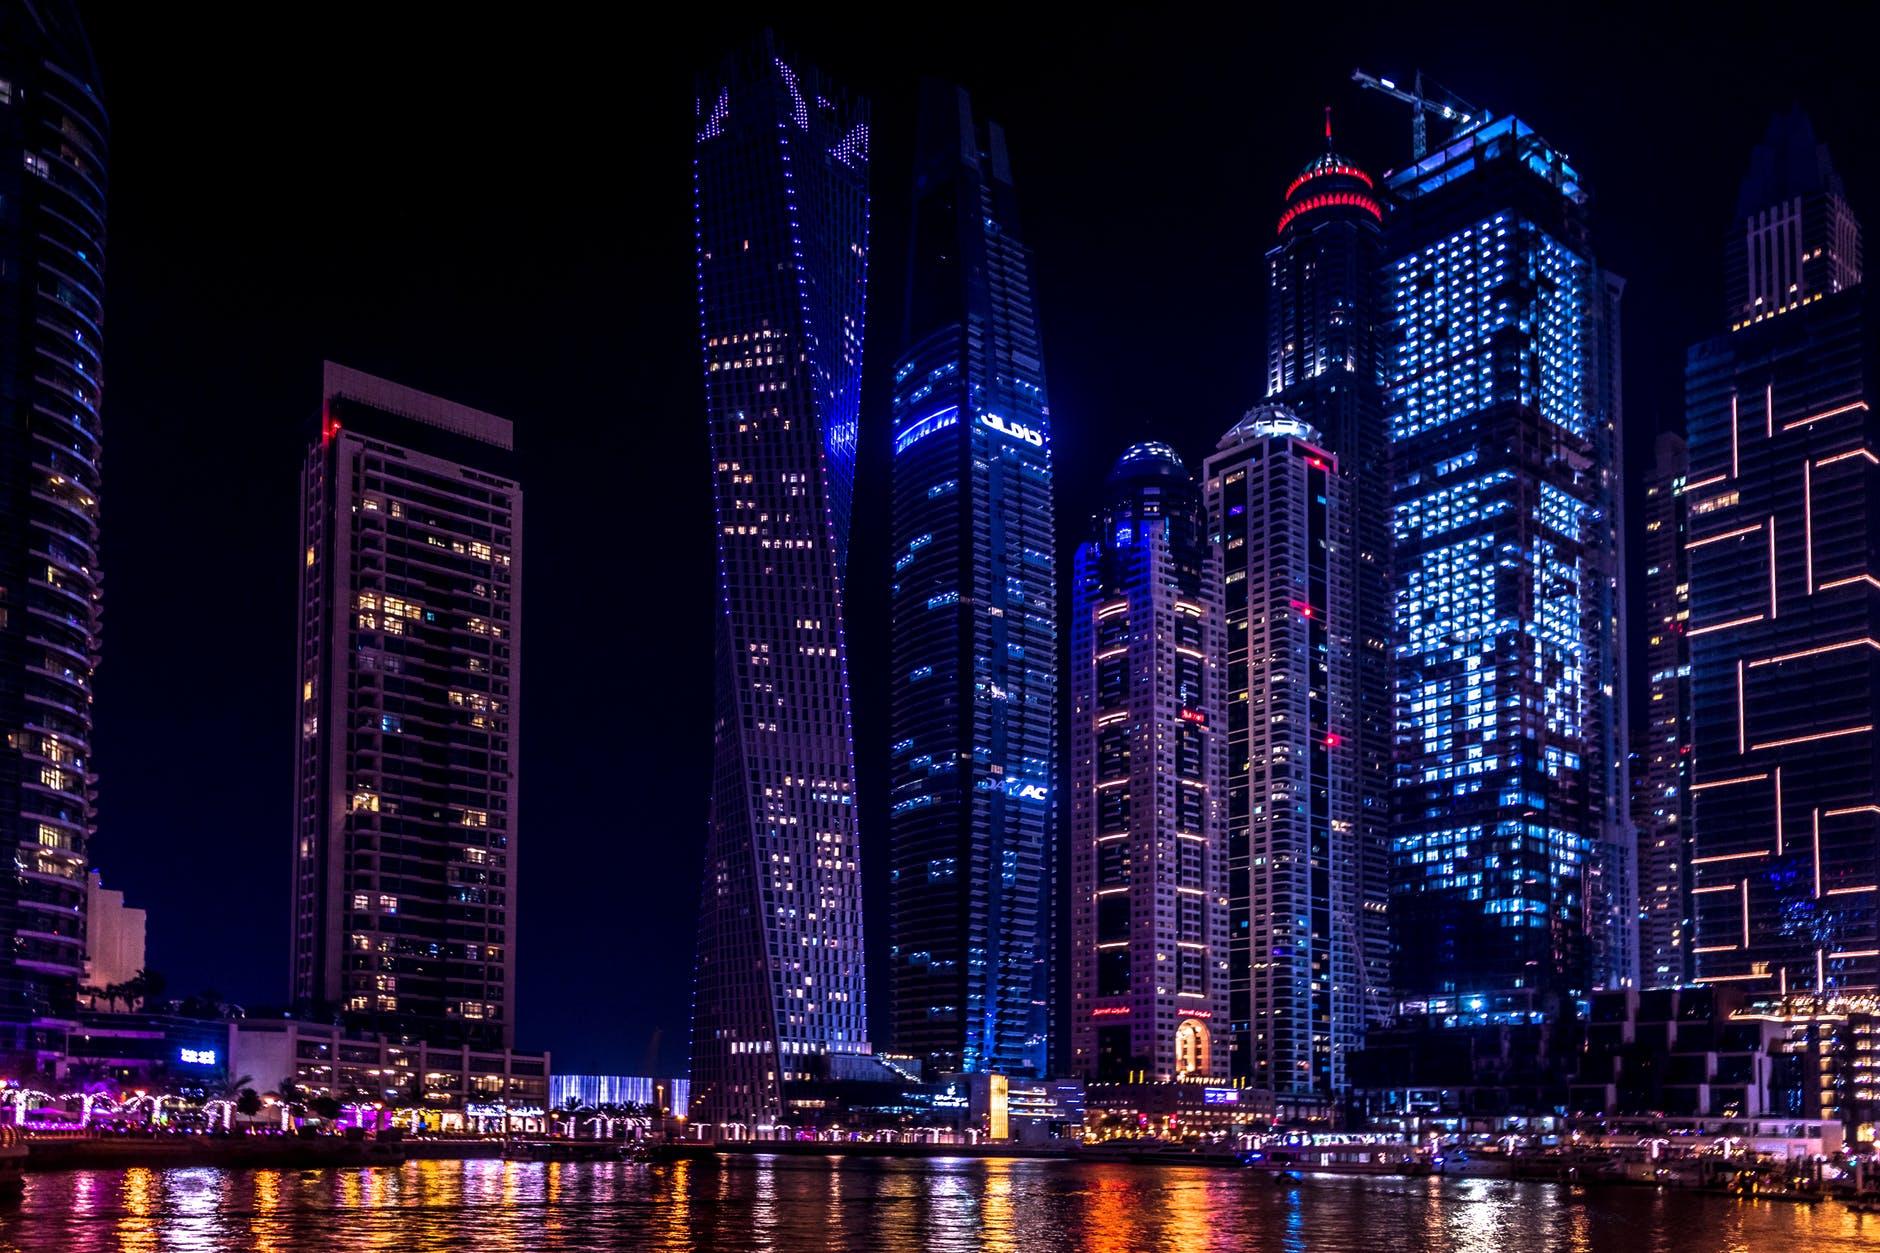 Sky2.0 Dubai Events - Sky2.0